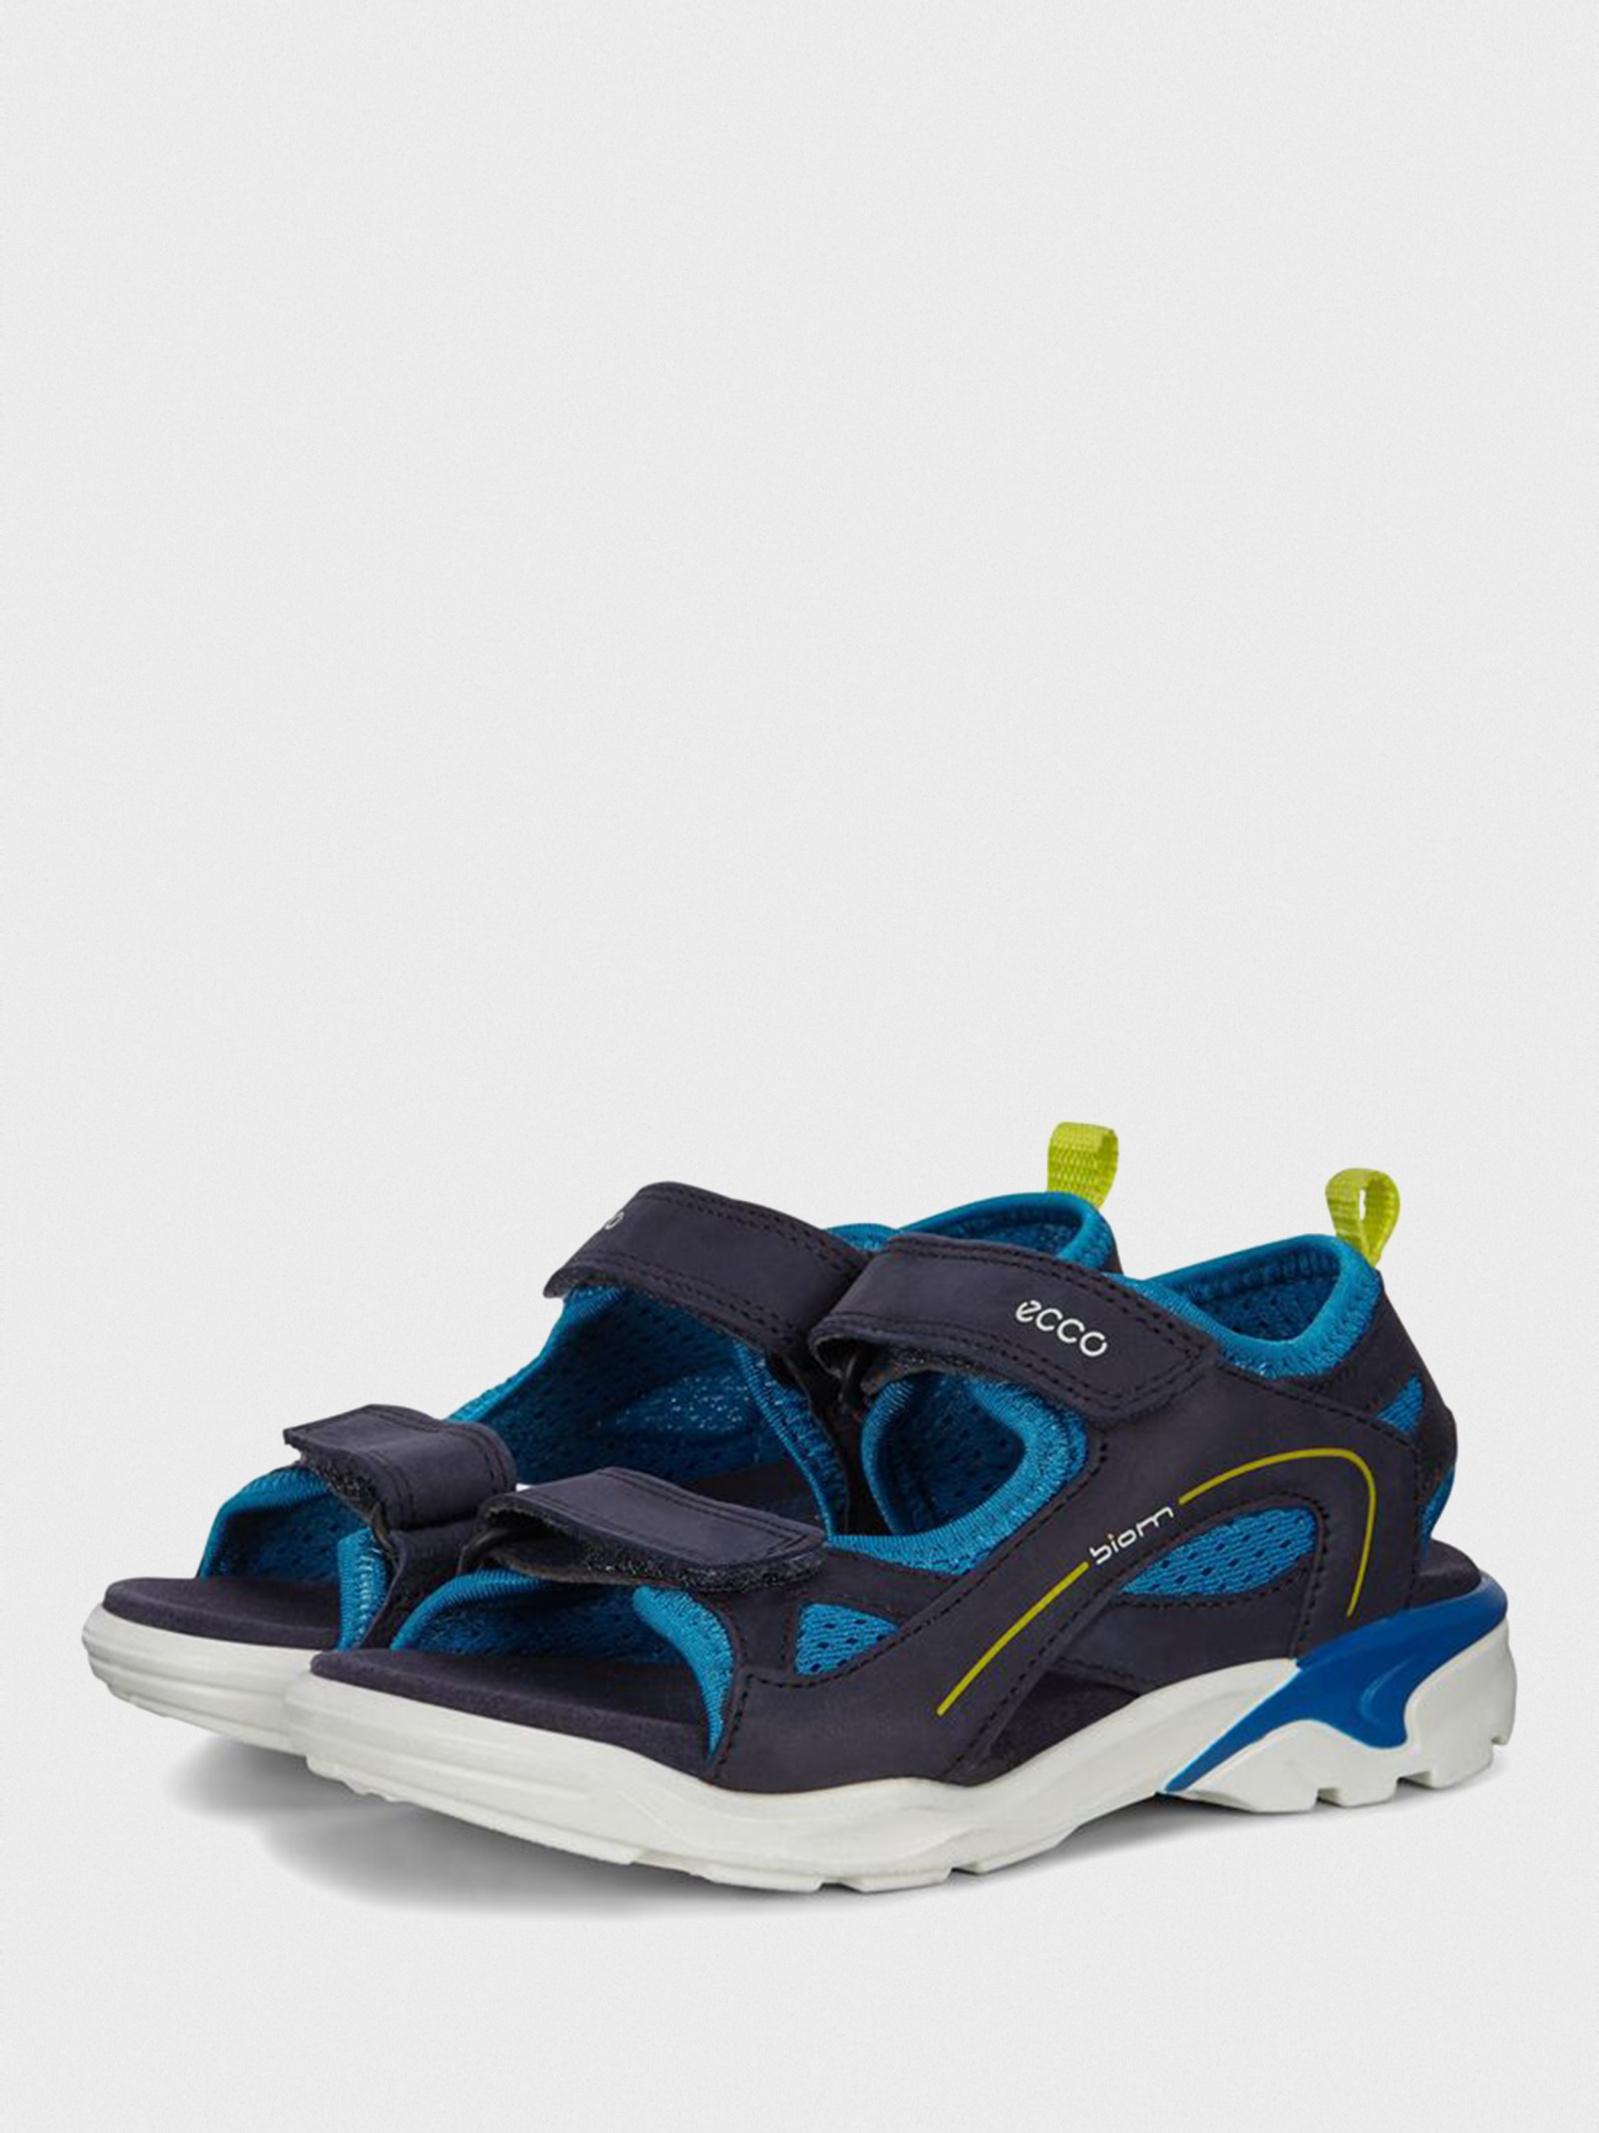 Сандалі  для дітей ECCO 700662(51122) брендове взуття, 2017